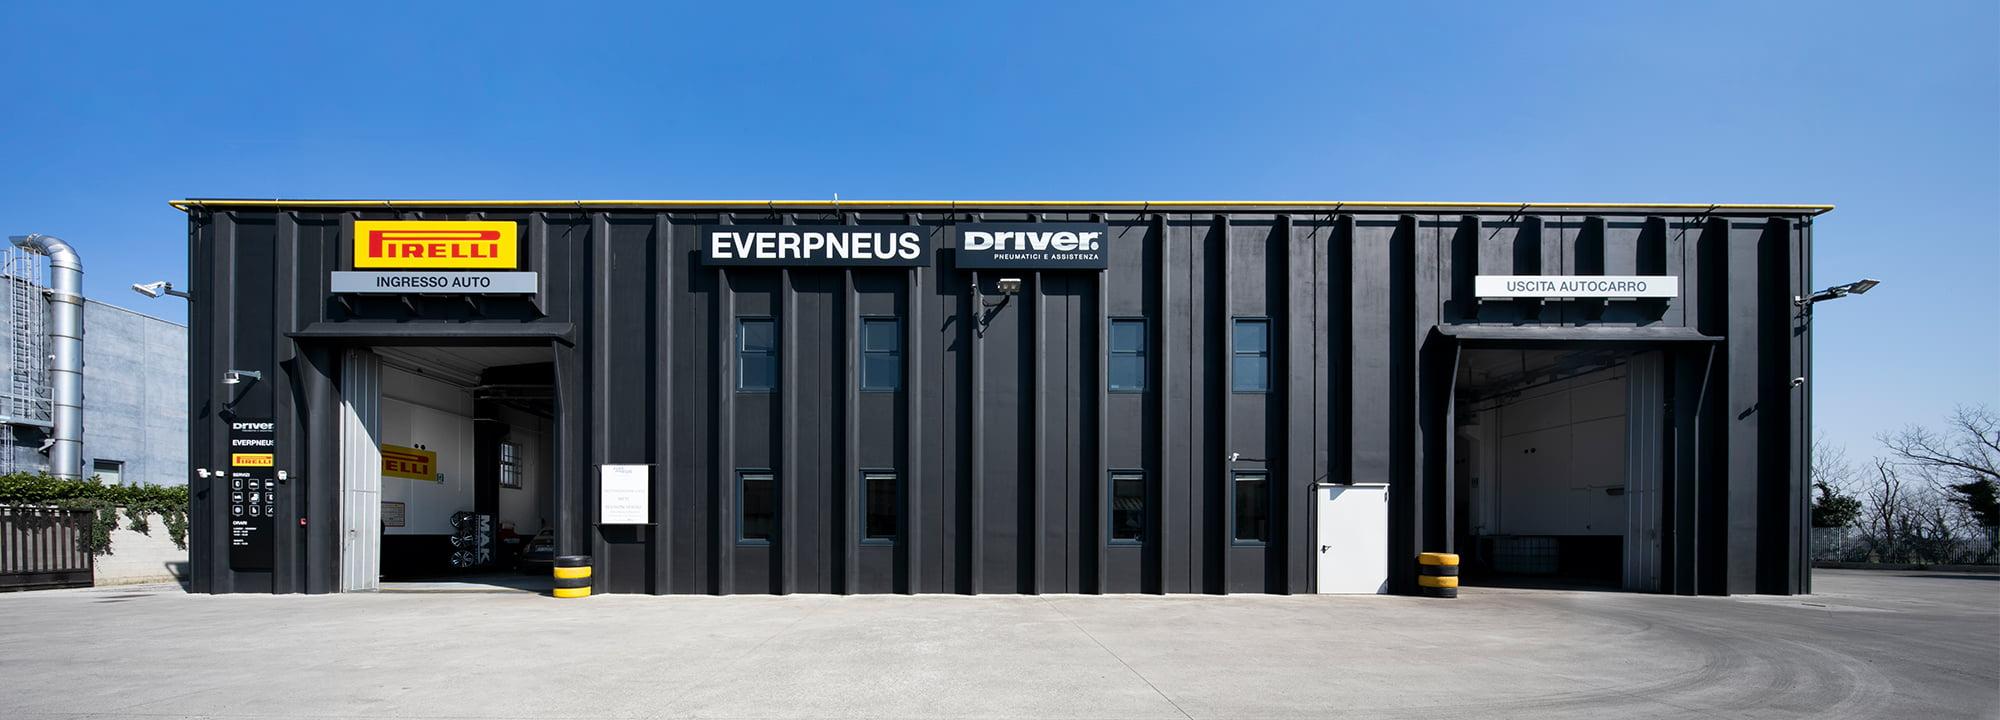 Everpneus-Hero-1.jpg